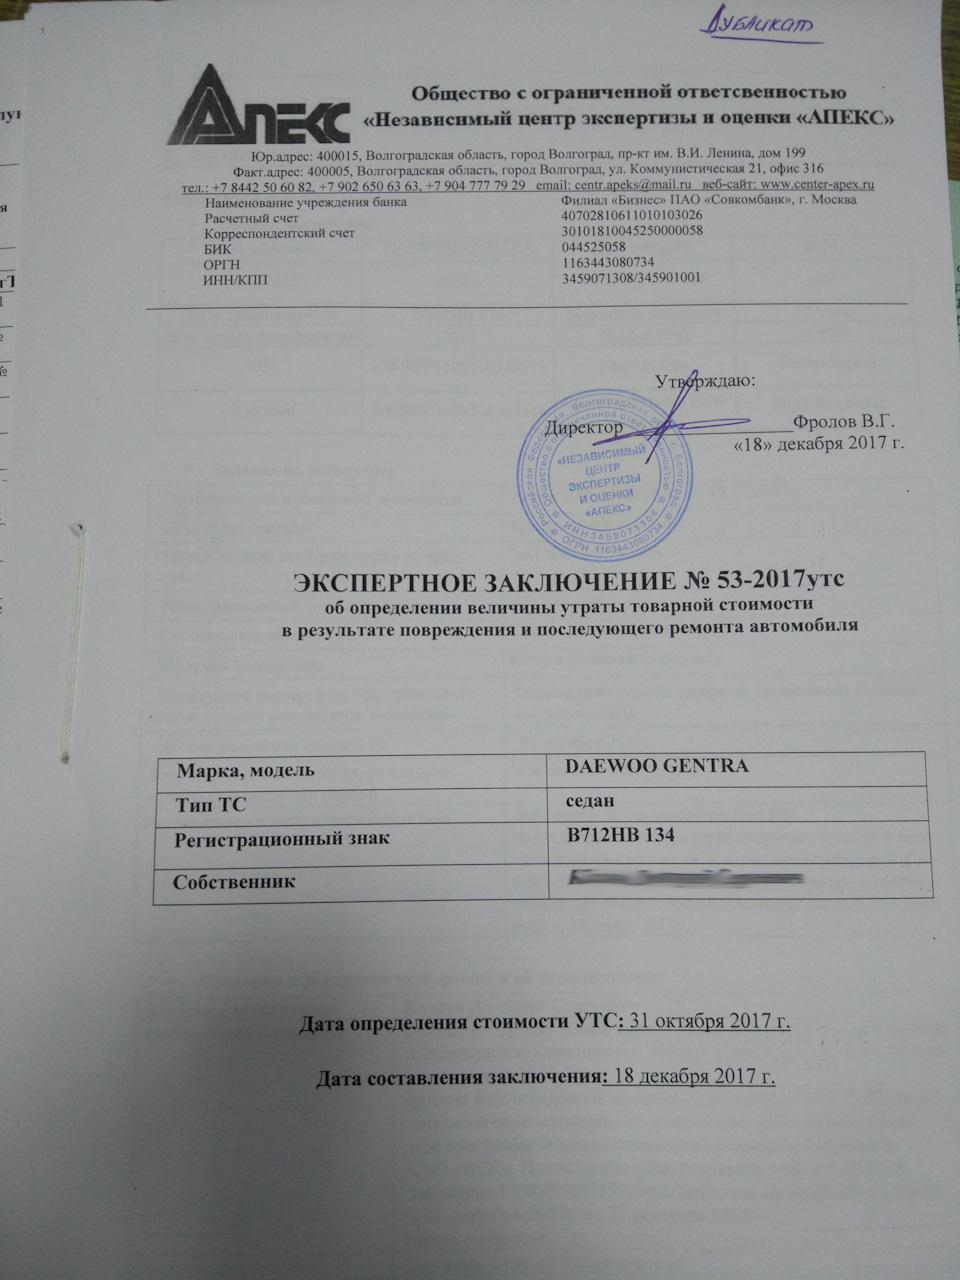 Претензия о нарушении сроков гарантийного ремонта